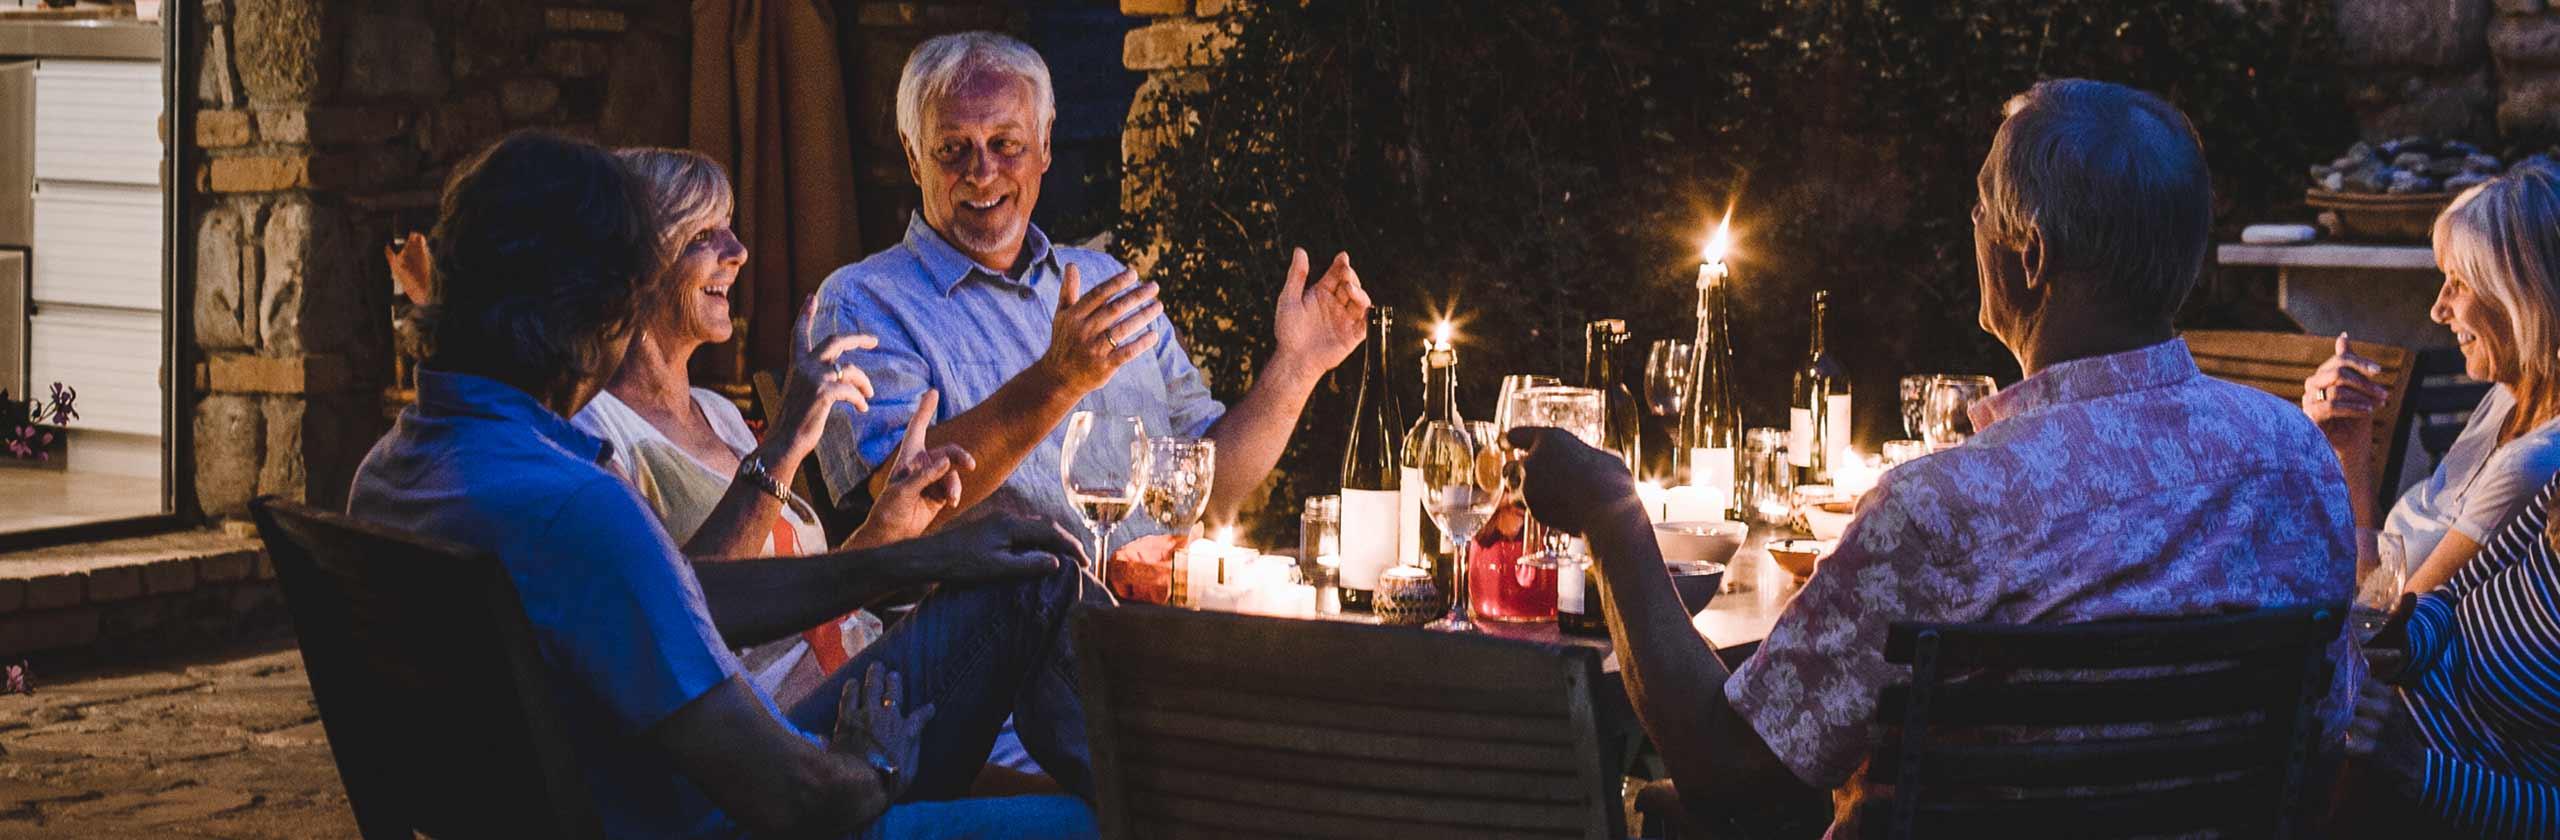 가족들과 함께하는 저녁식사